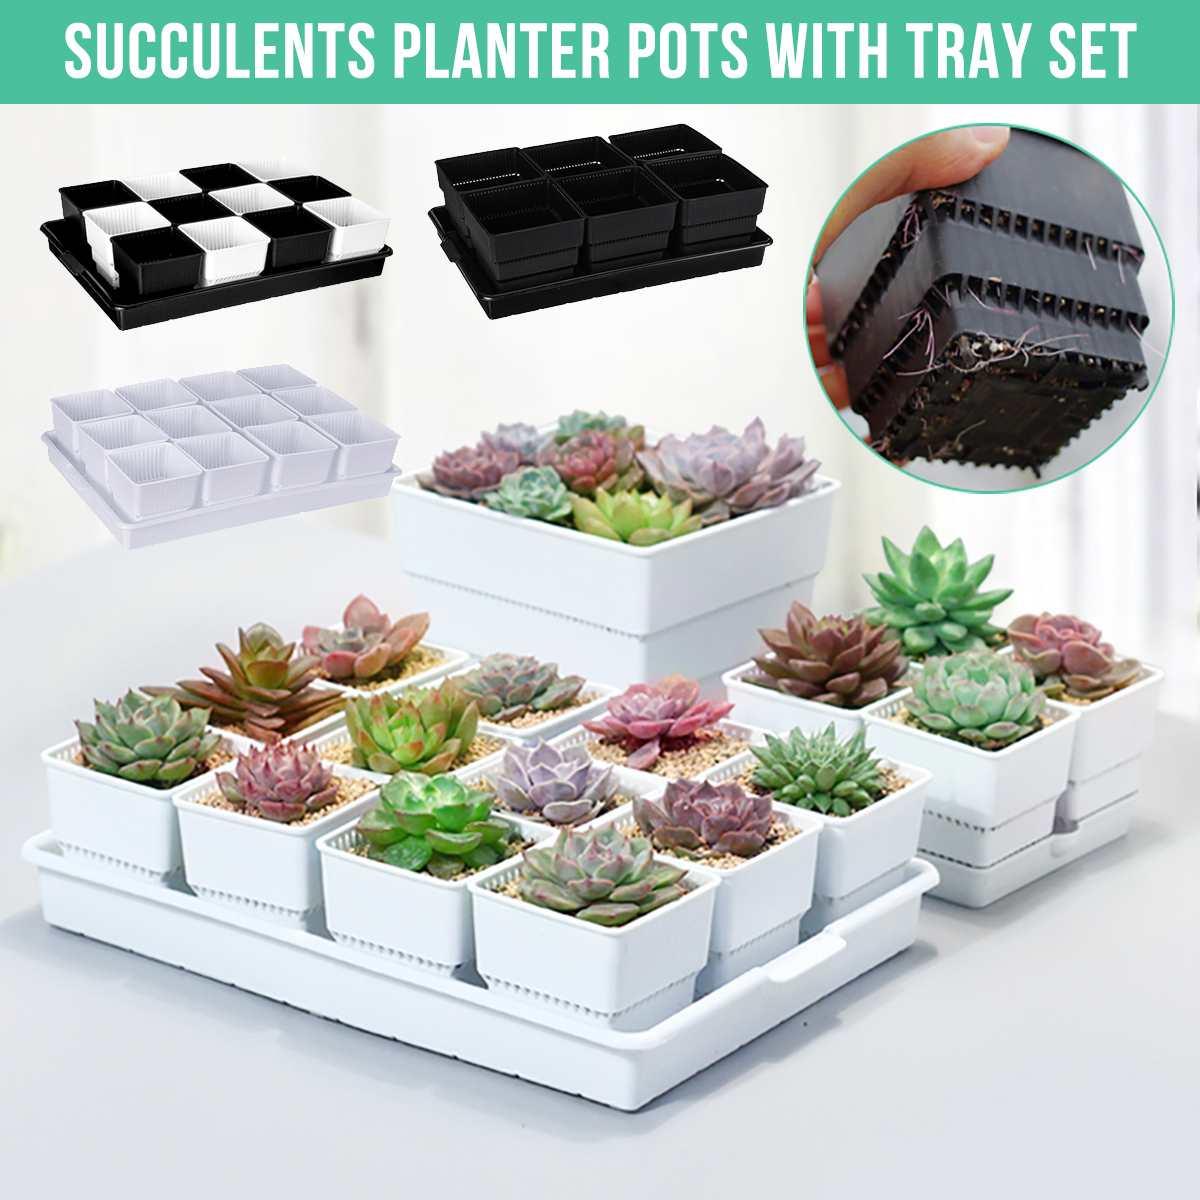 Square Plastic Succulents Planter Pots